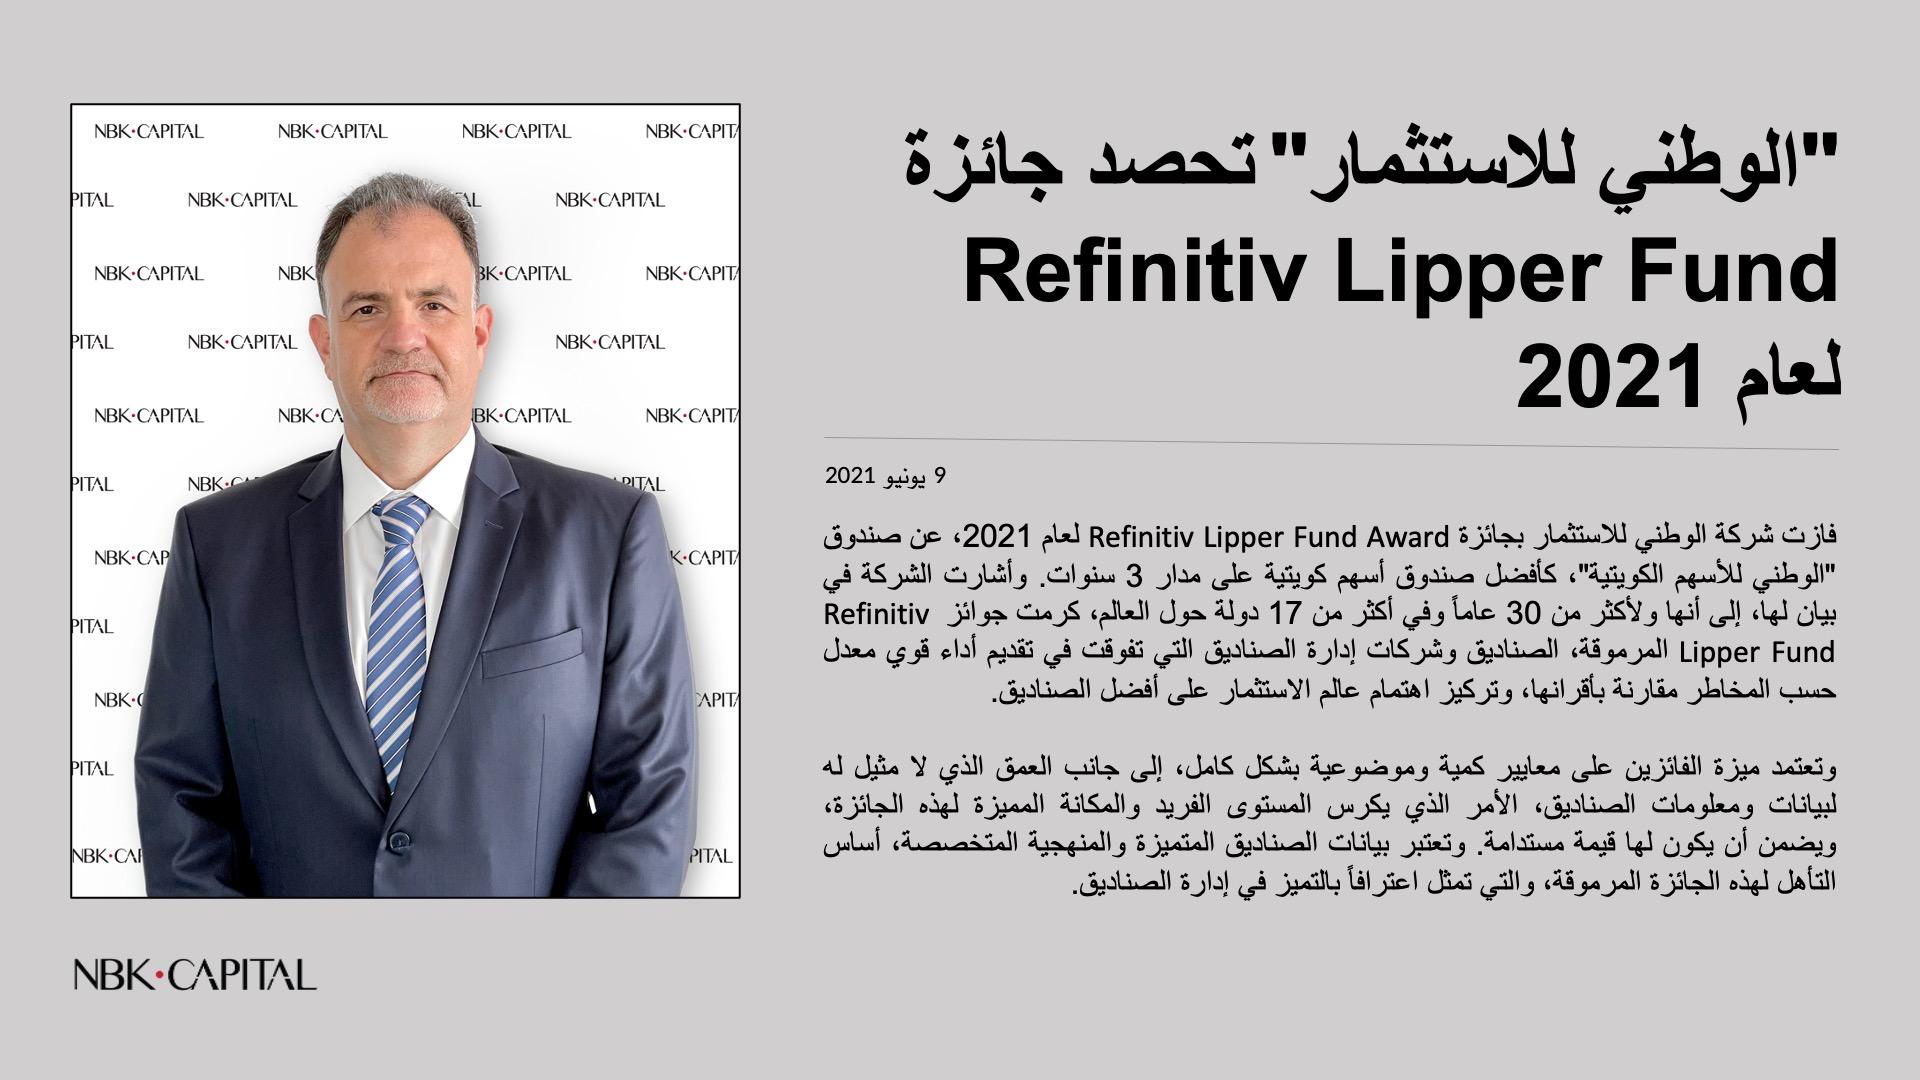 حصل صندوق الوطني للأسهم الكويتية التابع لشركة الوطني للاستثمار على جائزة Fund Refinitiv Lipper لعام 2021